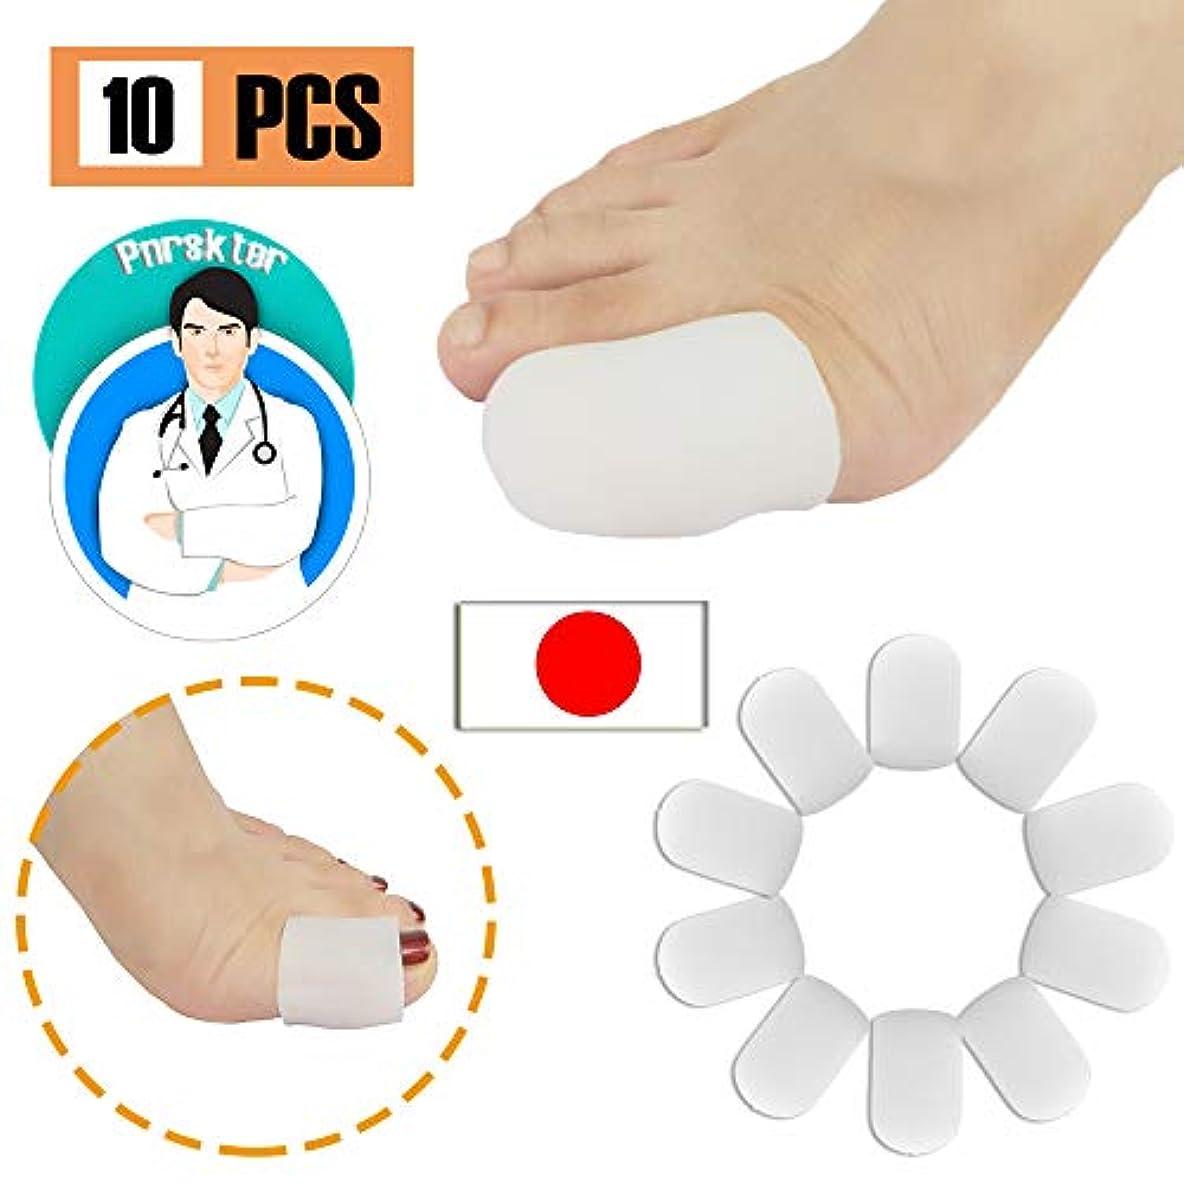 創造静かに連想ジェル 足指 足の親指 キャップ プロテクター スリーブ 新素材 水疱 ハンマートゥ 陥入爪 爪損傷 摩擦疼痛などの緩和 (足の親指用)(10個入り)